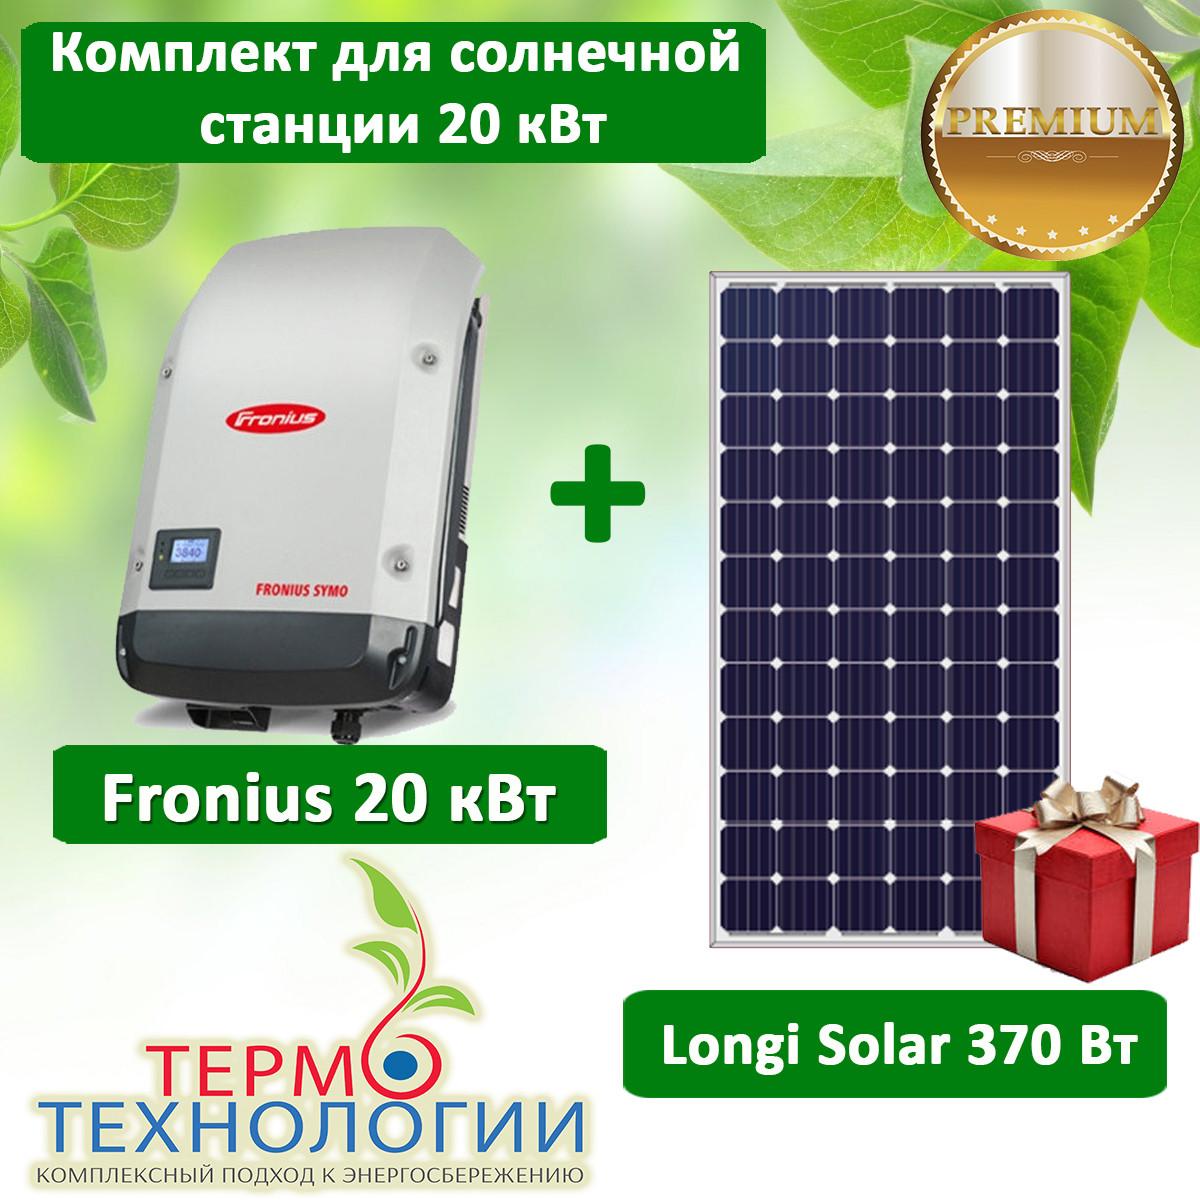 Комплект для сетевой солнечной станции 20 кВт Fronius и Longi Solar